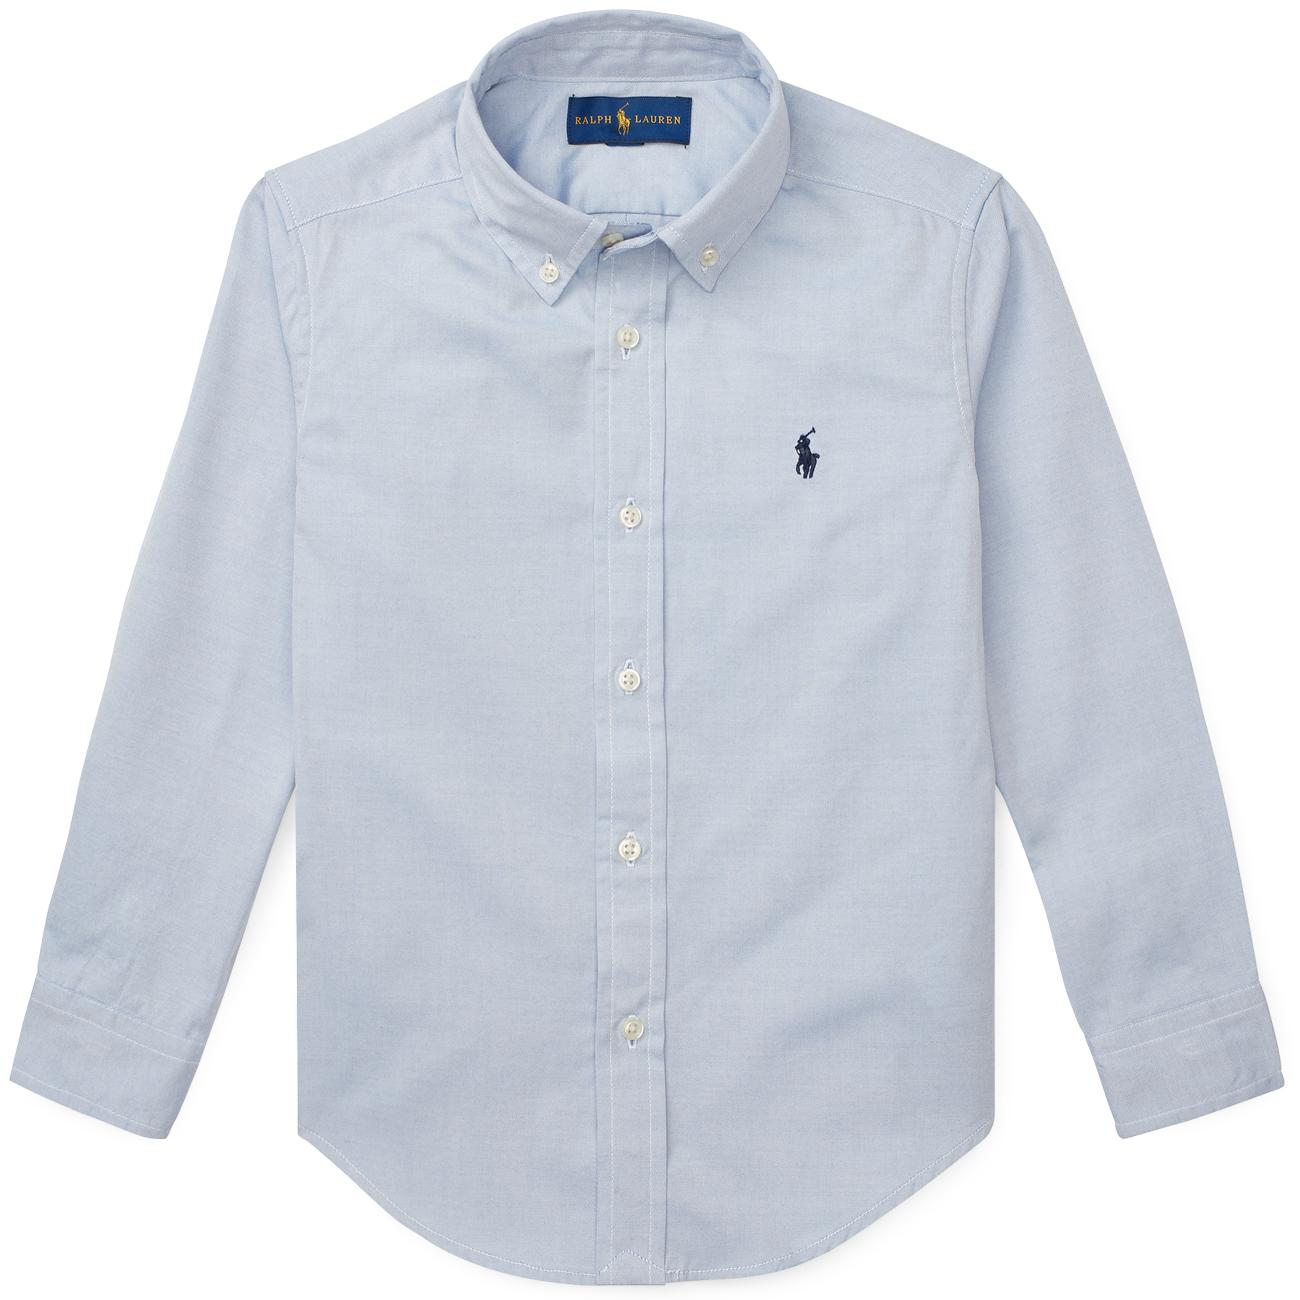 Polo Ralph Lauren Boy Long Sleeved Oxford Shirt BSR Blue